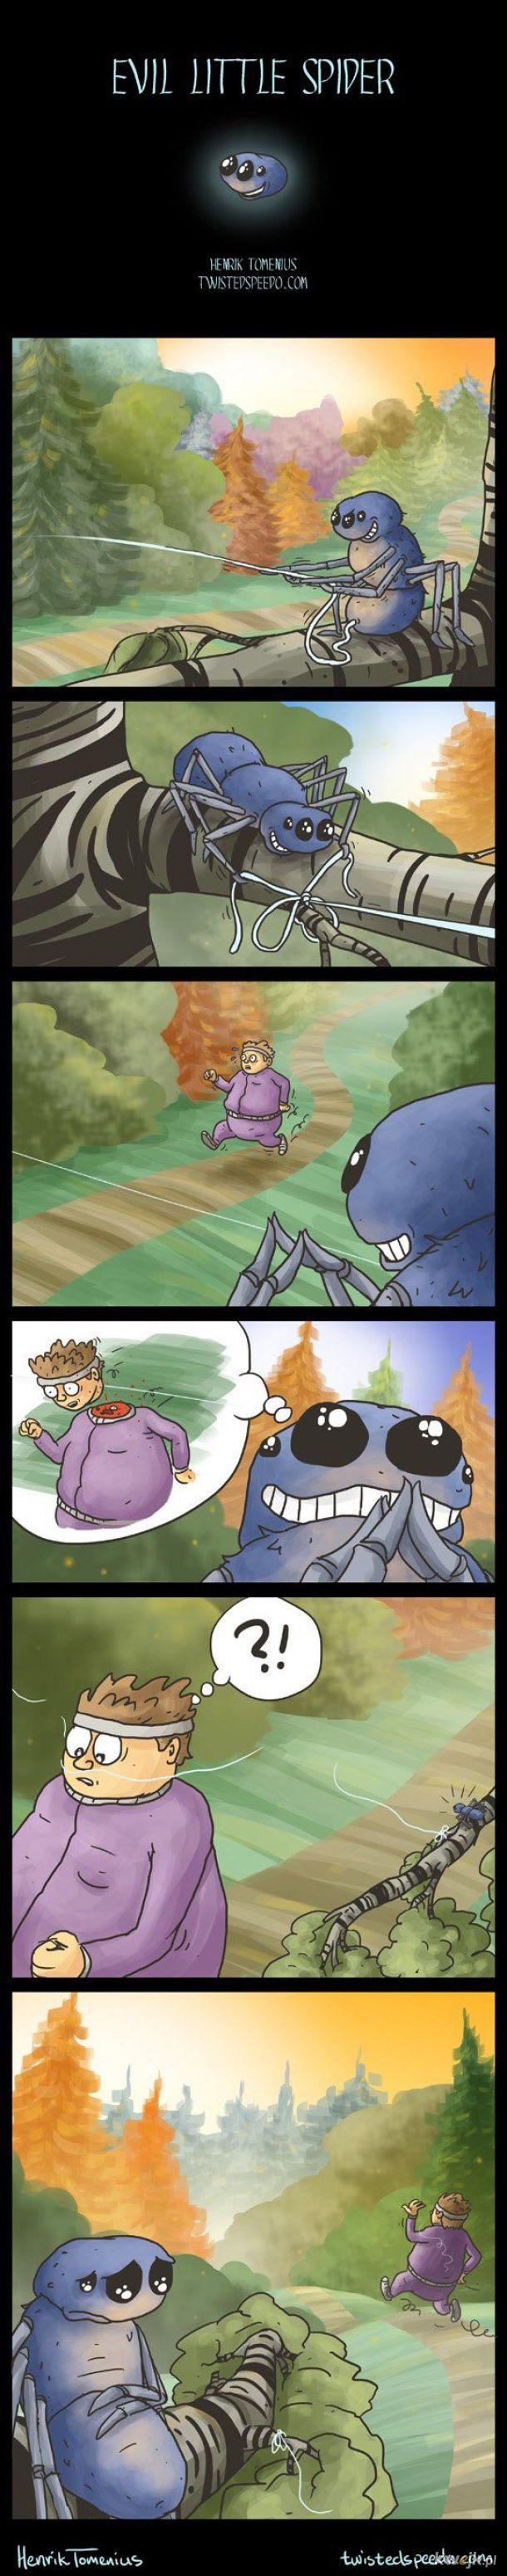 Atak pająka